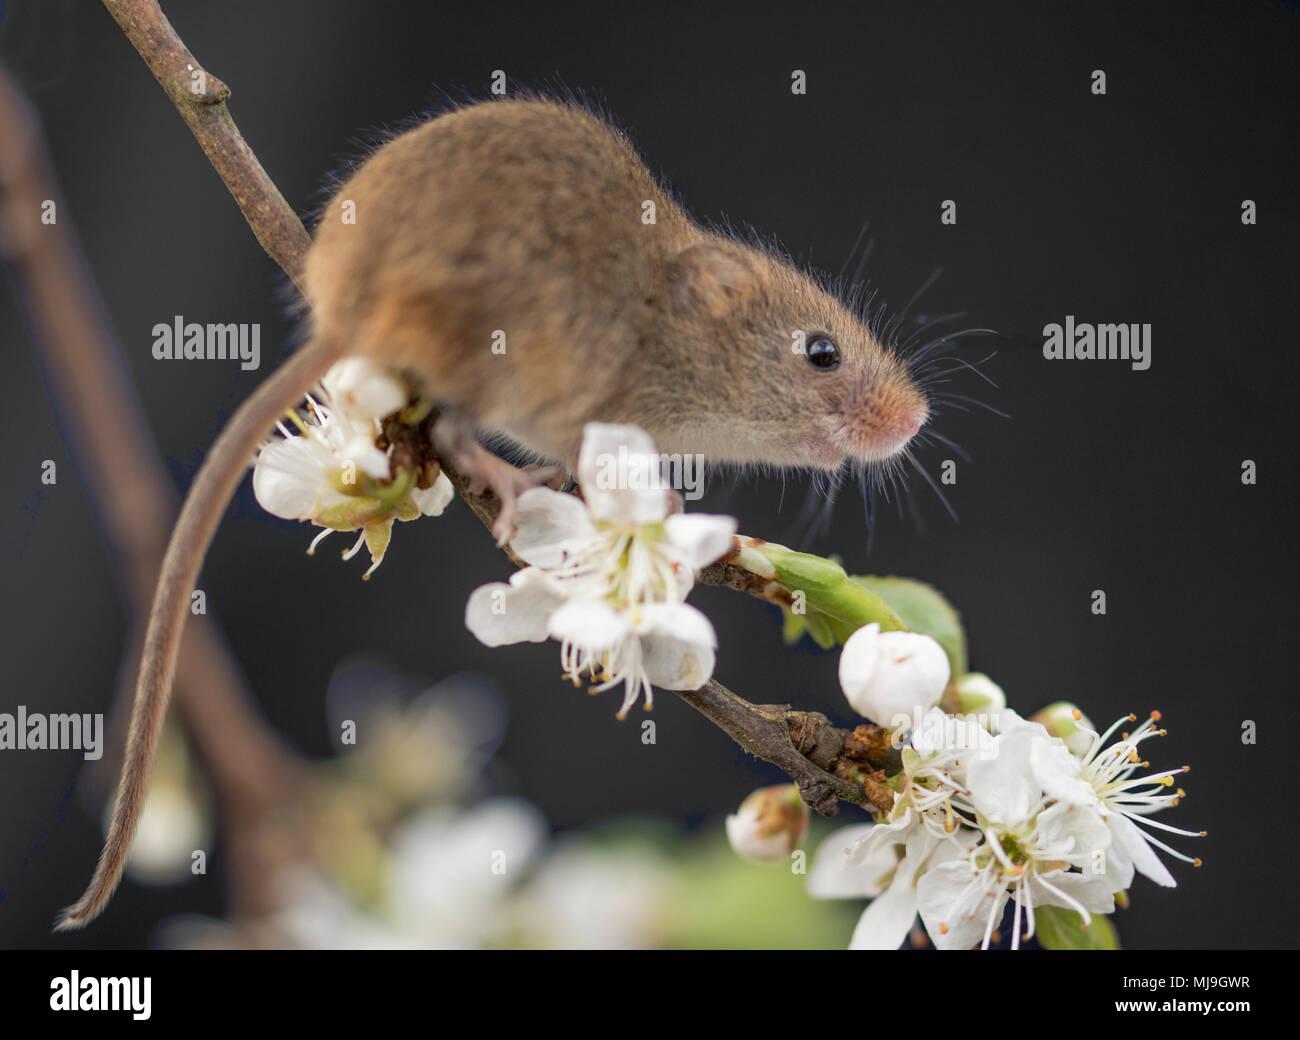 Süße kleine Ernte Maus auf spring blossom Stockbild